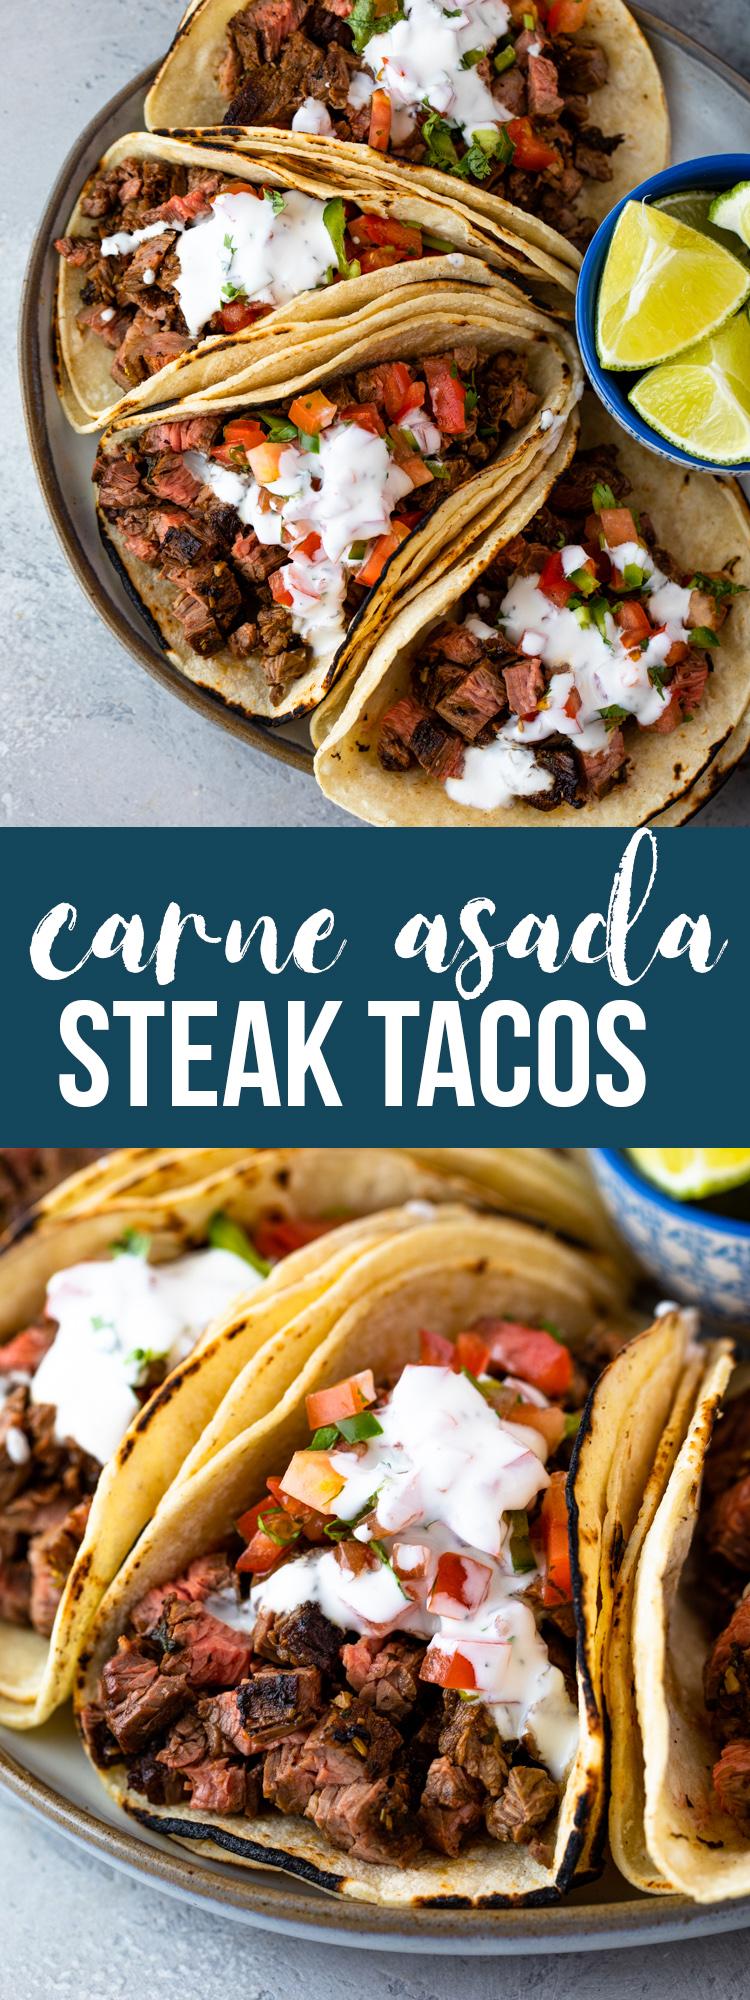 Carne Asada Tacos | Gimme Delicious #asadatacos Carne Asada Tacos | Gimme Delicious #asadatacos Carne Asada Tacos | Gimme Delicious #asadatacos Carne Asada Tacos | Gimme Delicious #asadatacos